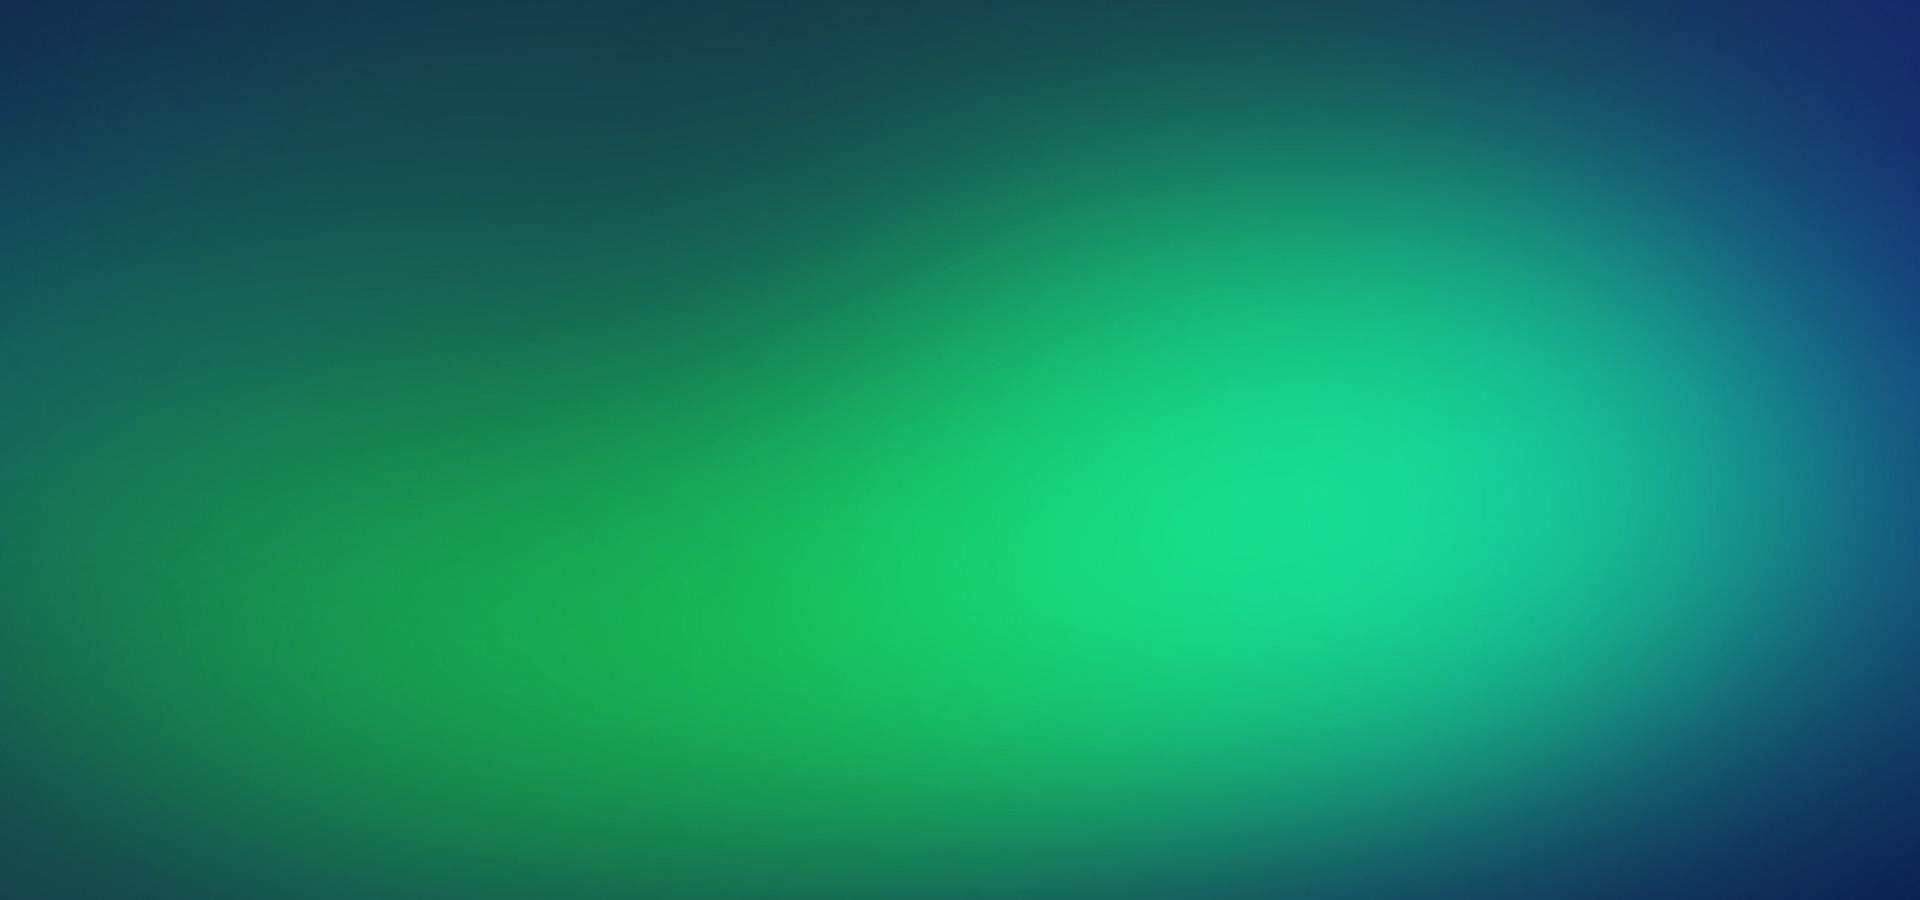 la simplicit u00e9 de la couleur de la lumi u00e8re de fond bleu vert frais de banni u00e8re bleu vert simple